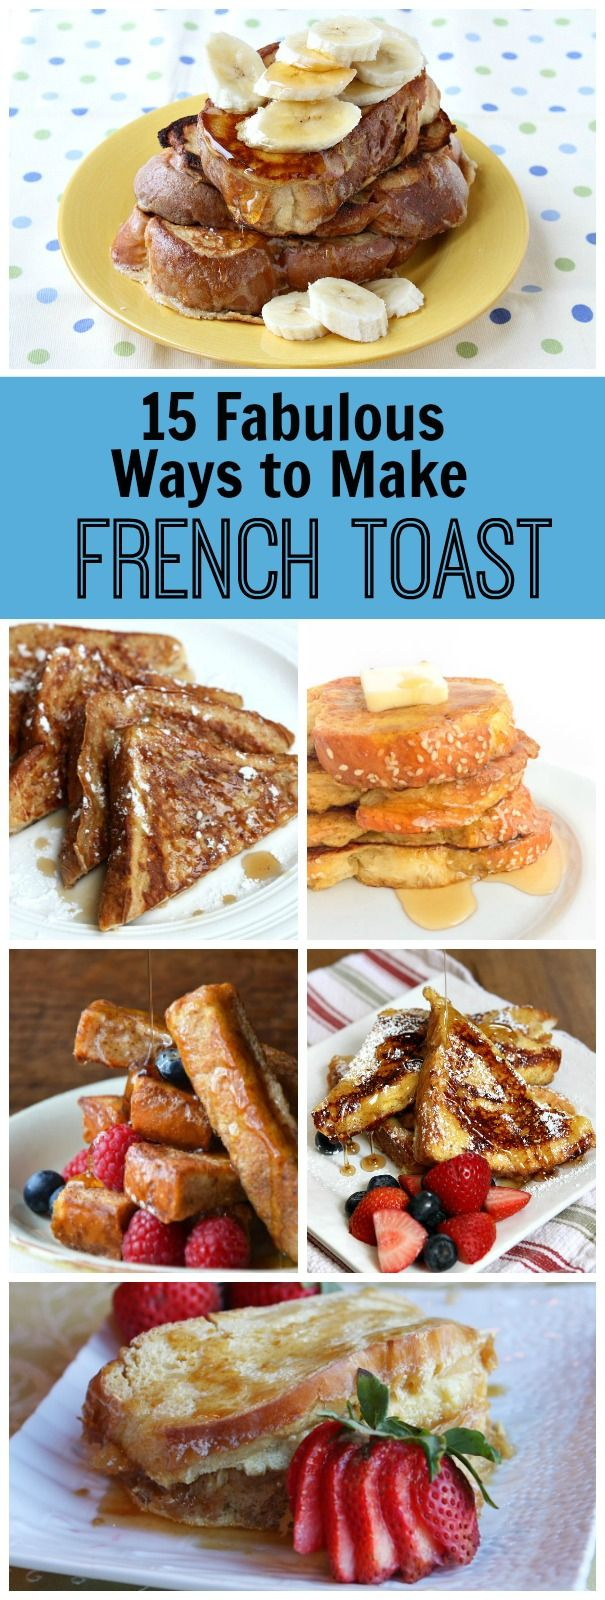 15 Fabulous Ways to Make French Toast